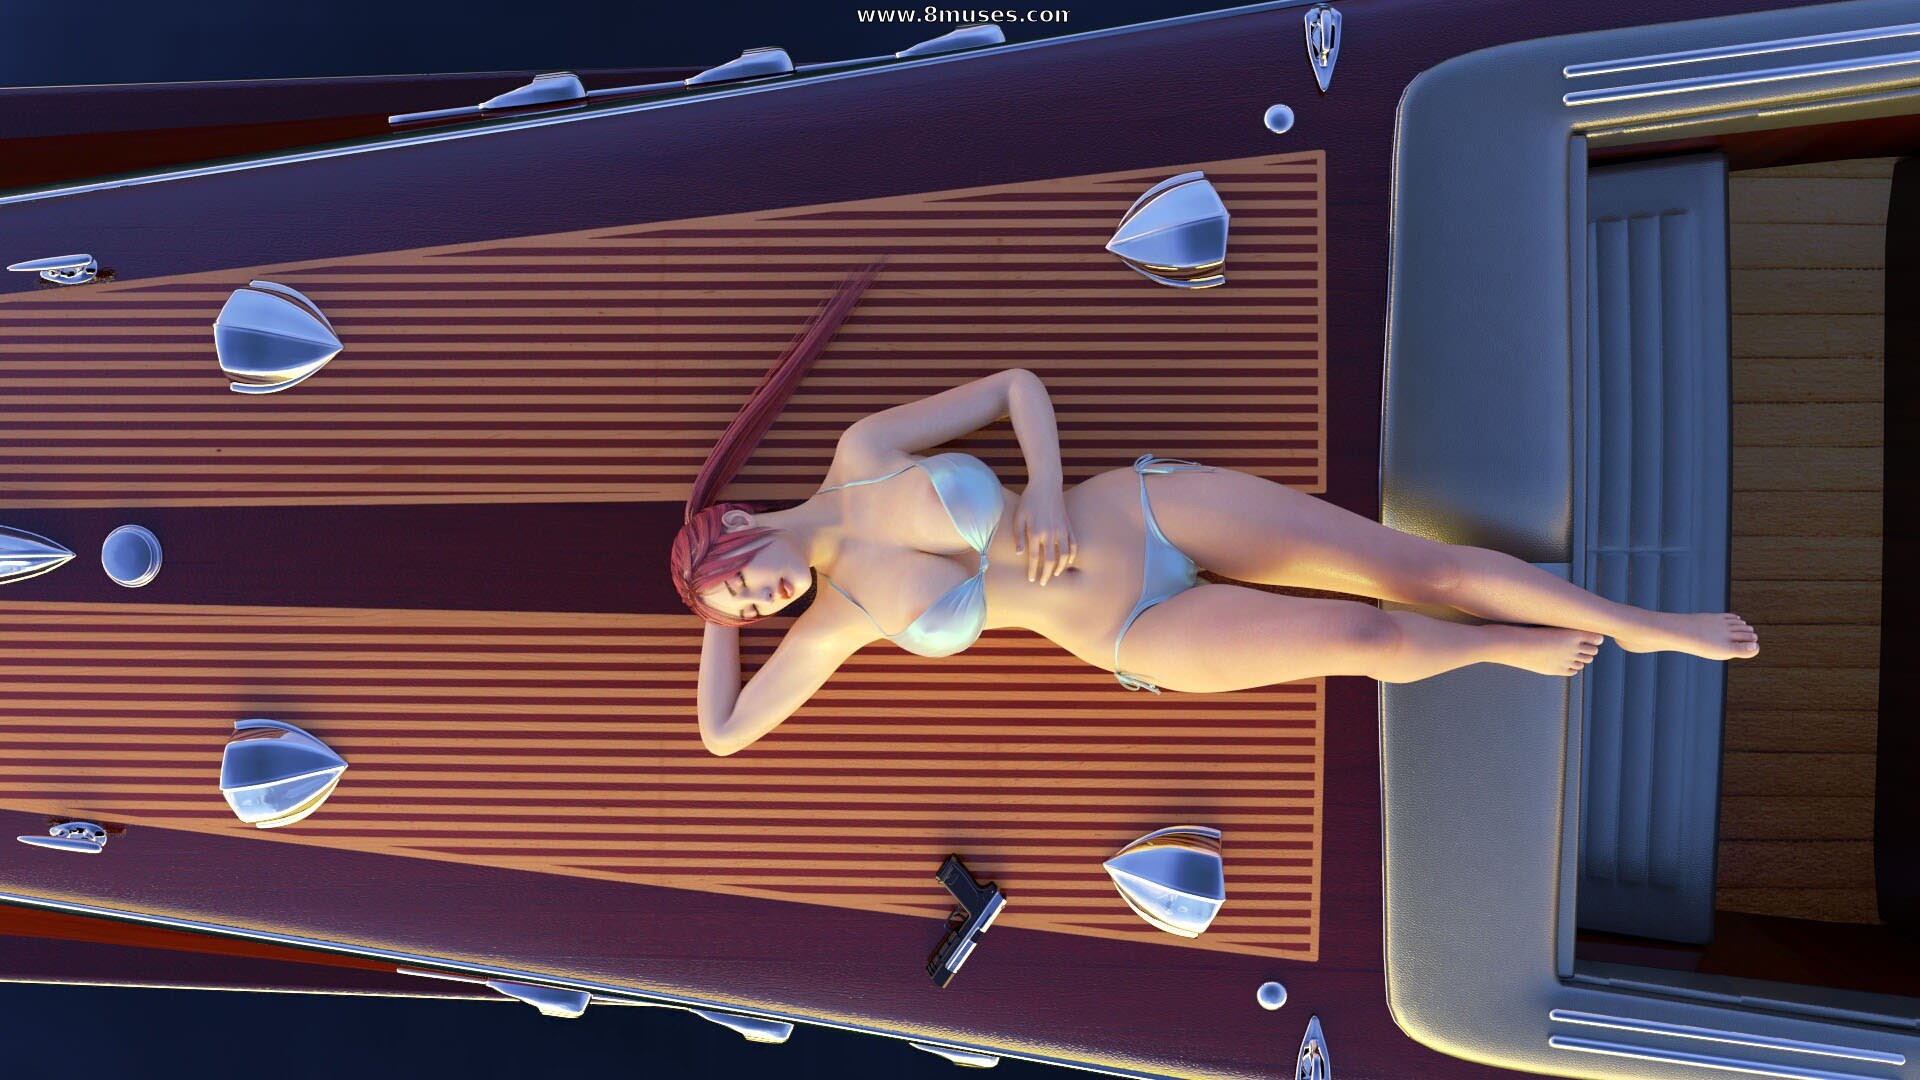 Image 4 in Komik Sex 3G Istri Selingkuh Dengan Rekan Kerja